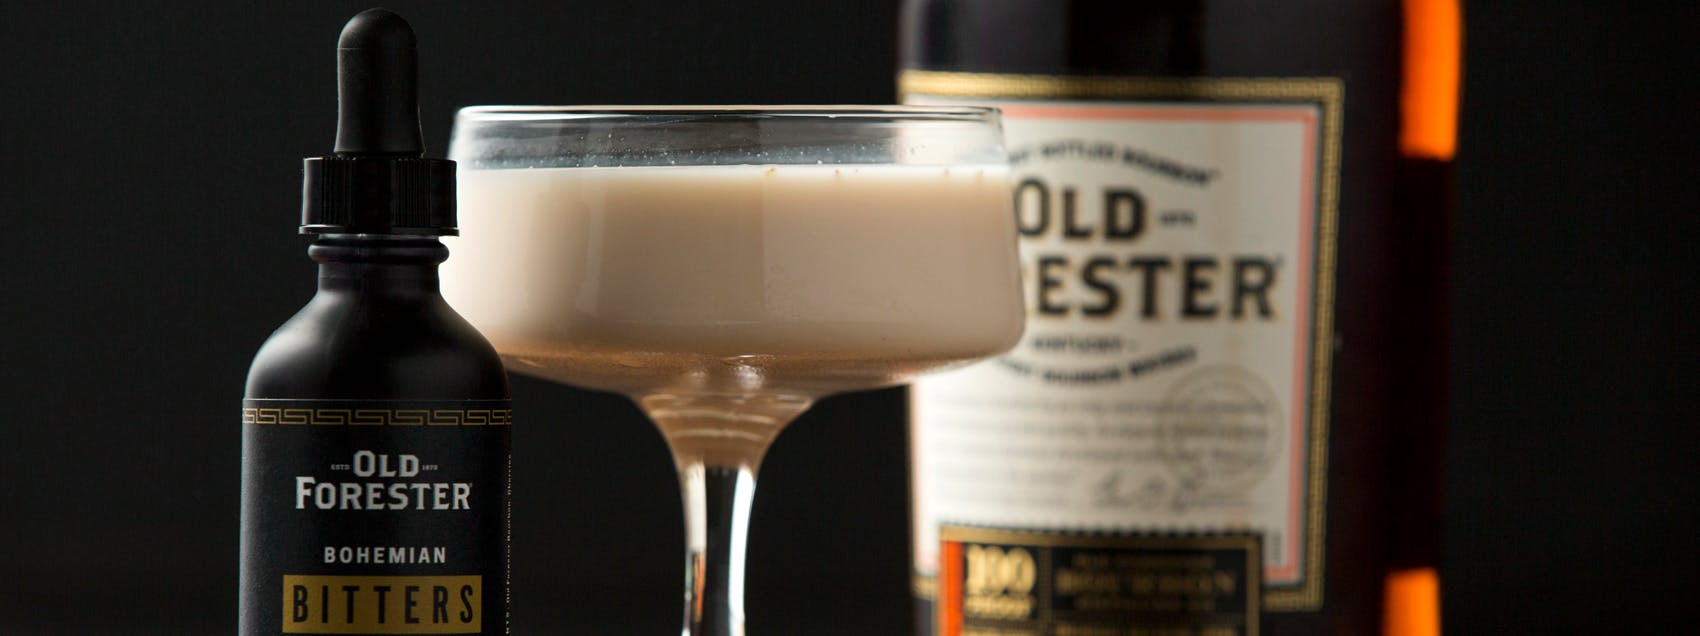 Old Forester Bourbon Alexander